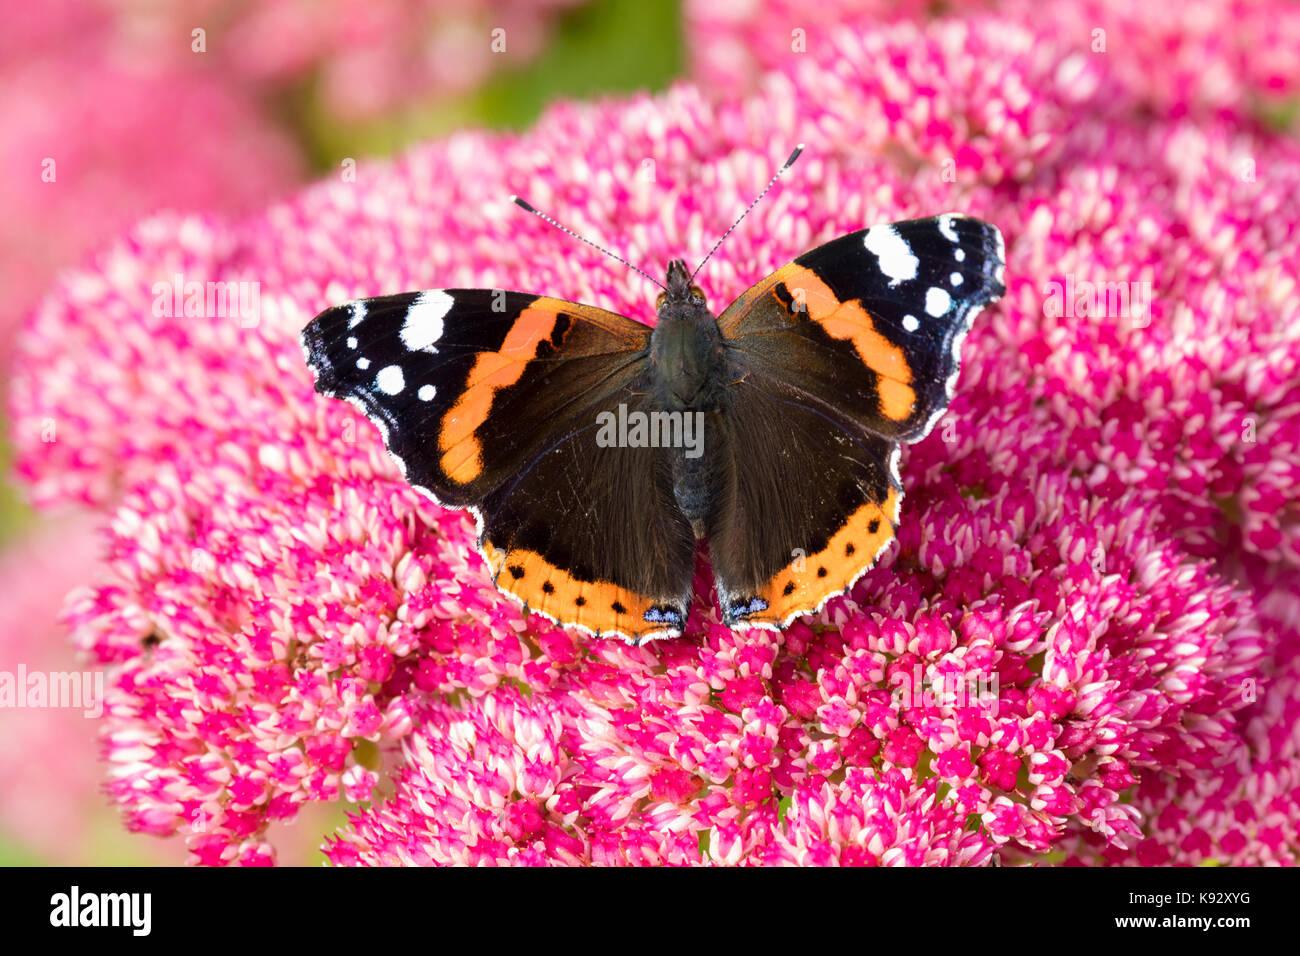 Adulto Red admiral butterfly, Vanessa Atalanta, alimentando in settembre fiori di Sedum spectabile Immagini Stock